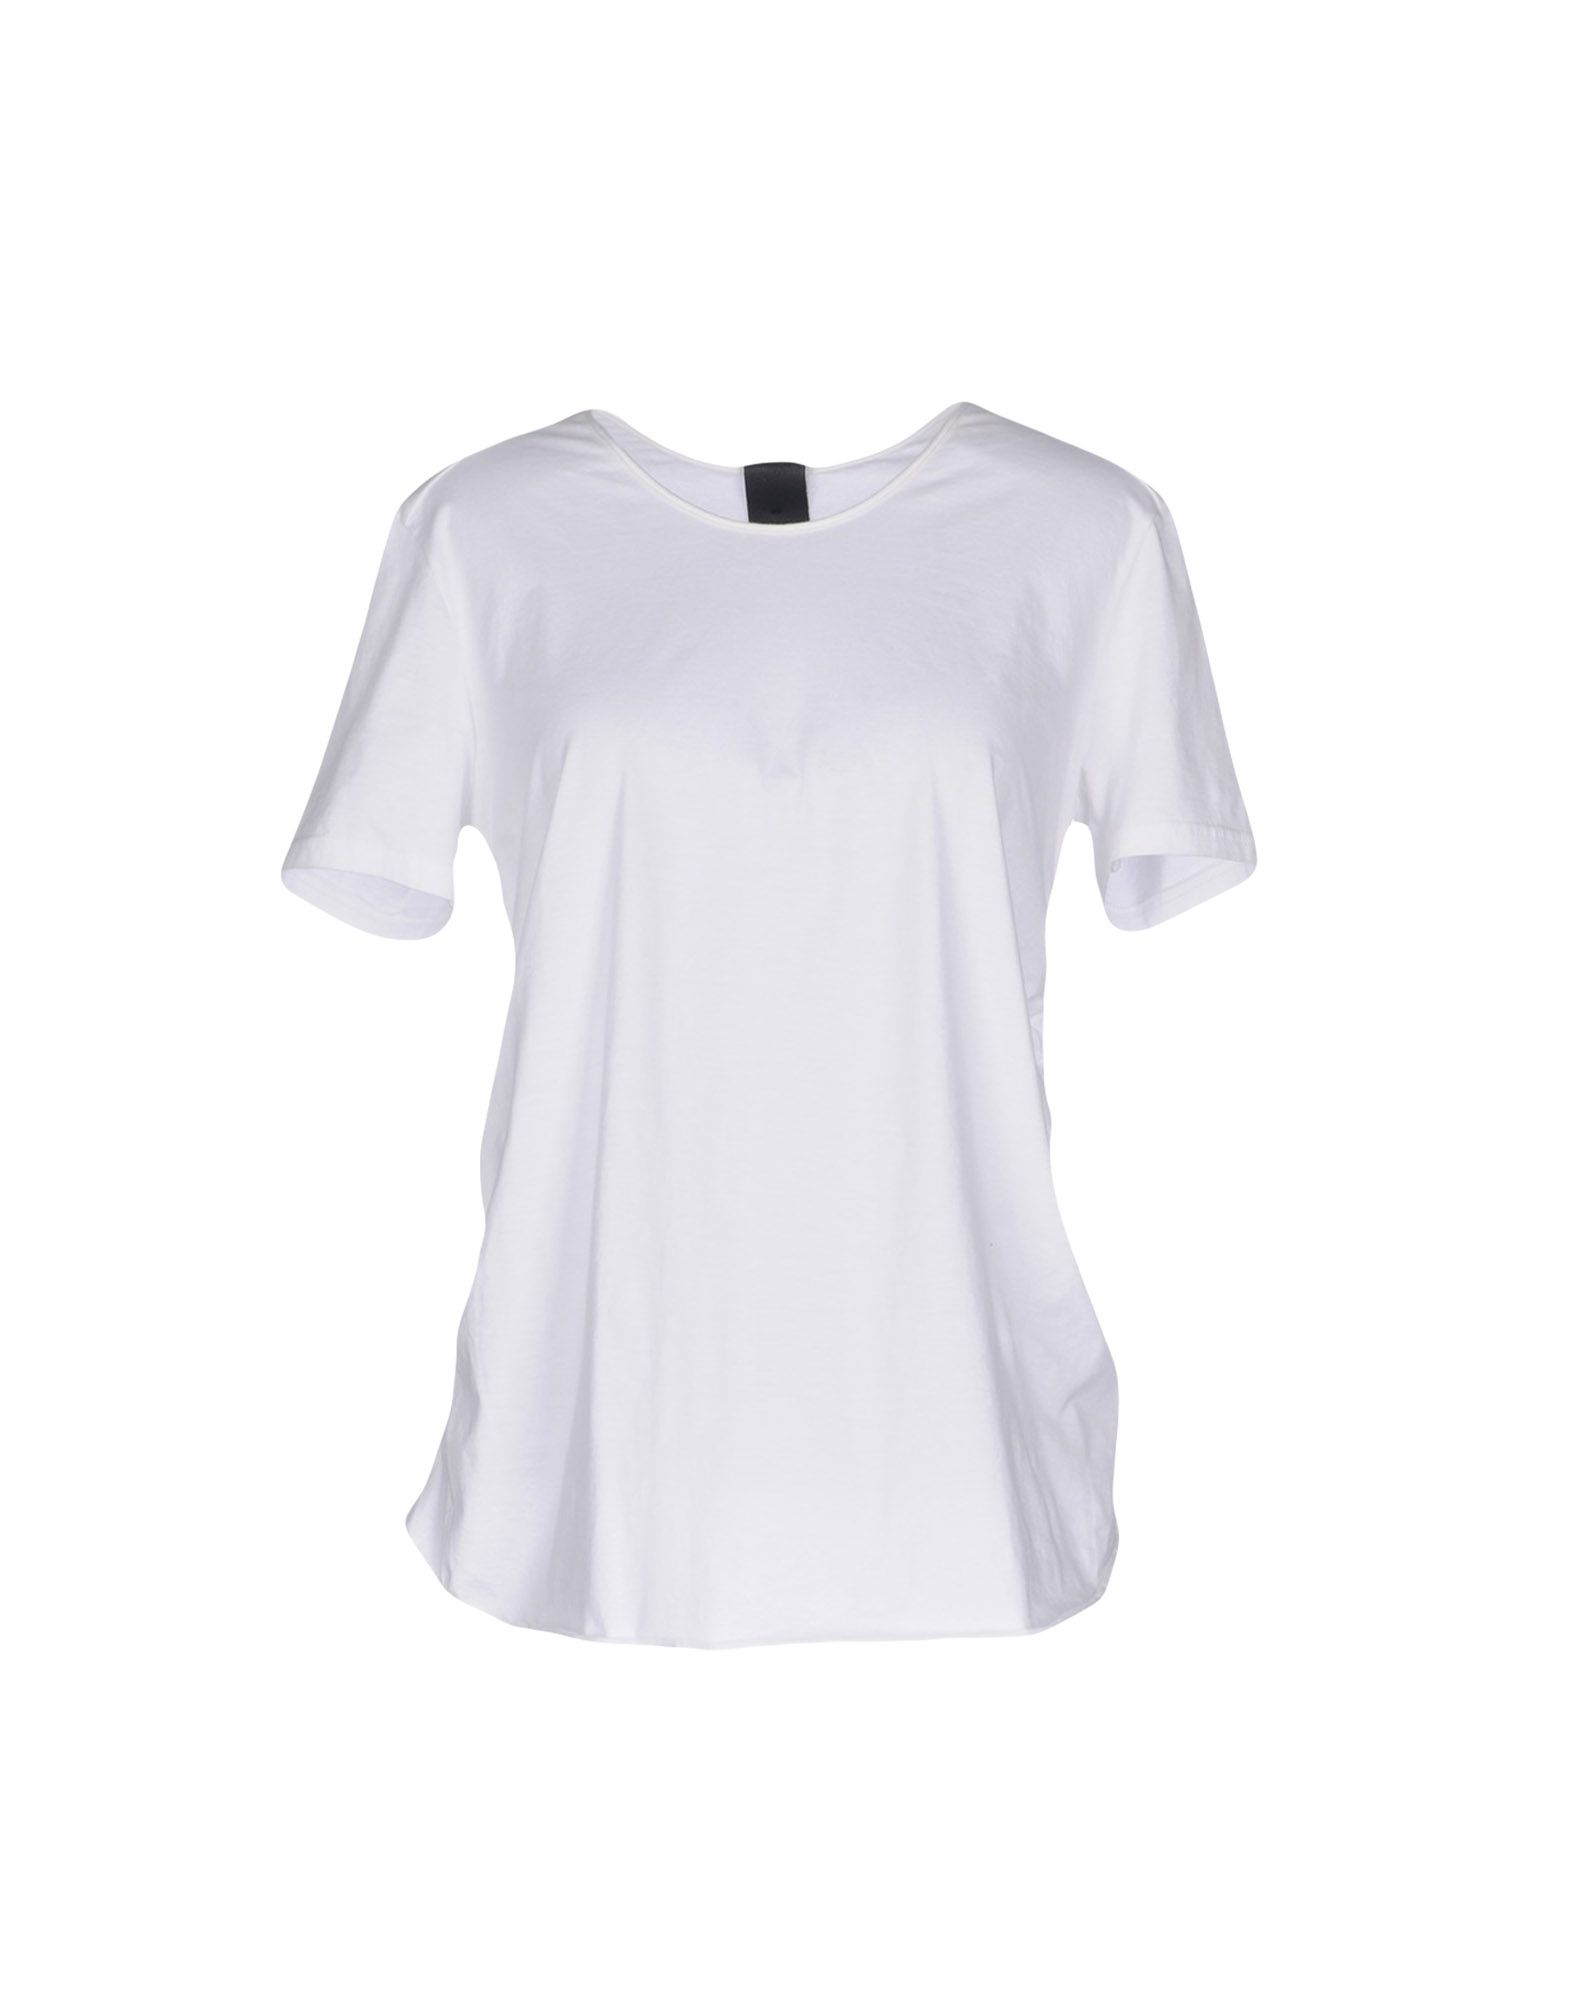 S°N Футболка футболка colin s футболка